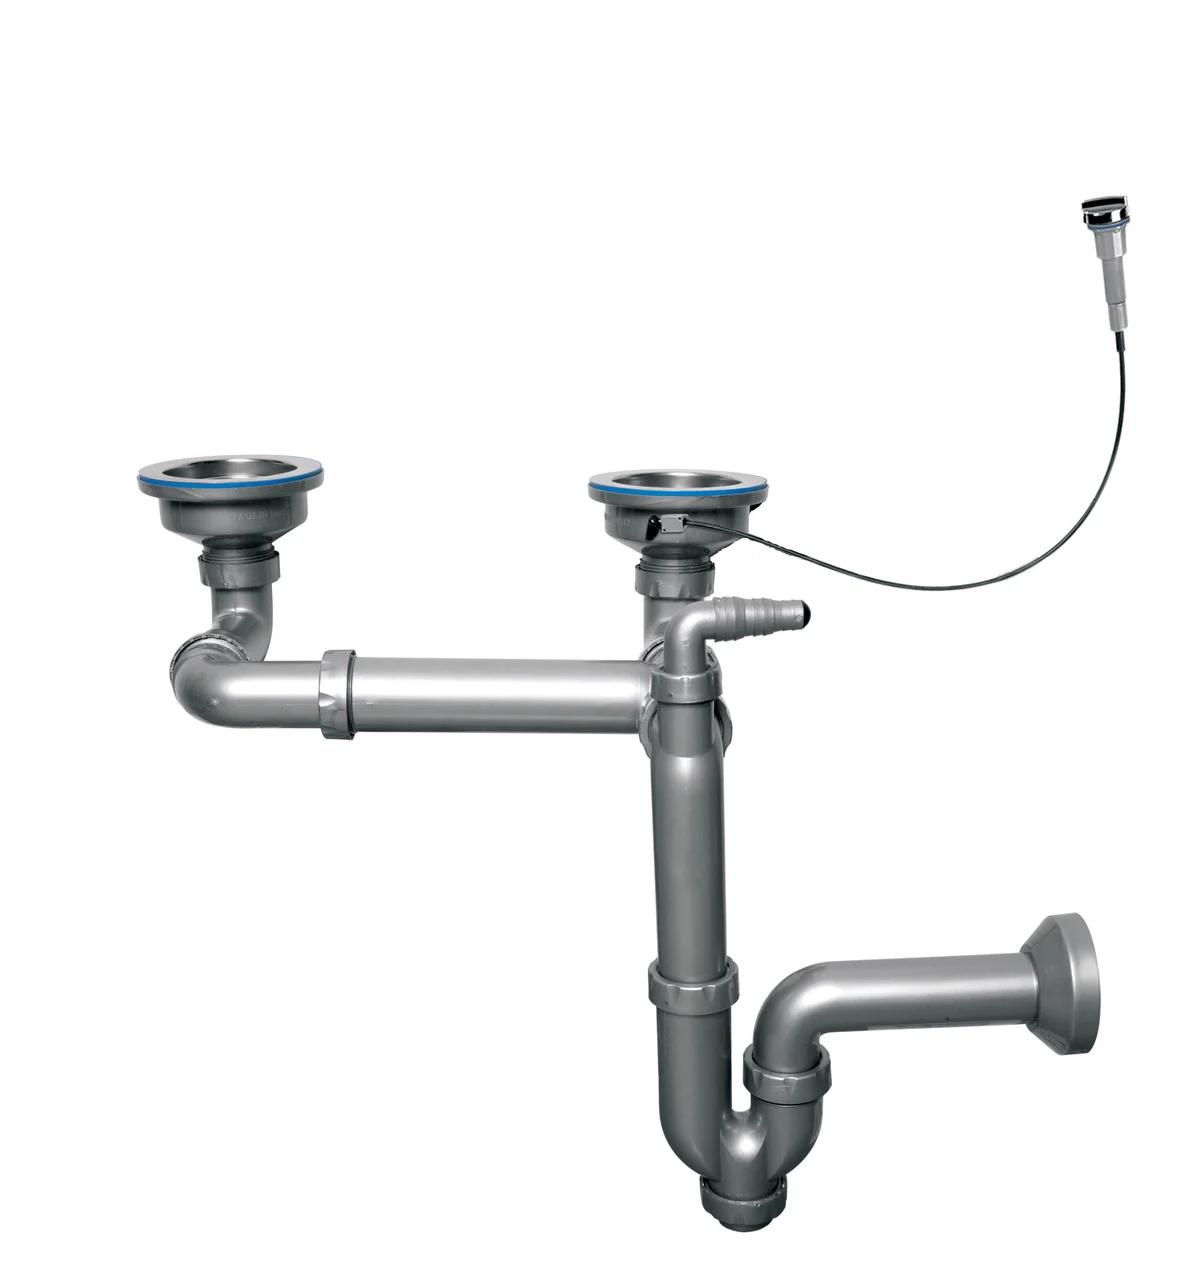 """Сифон-автомат для подвійний мийки 3 1/2"""", прямоточний, випуск 114 мм, пряма труба 40 мм (NOVA 1199.070)"""